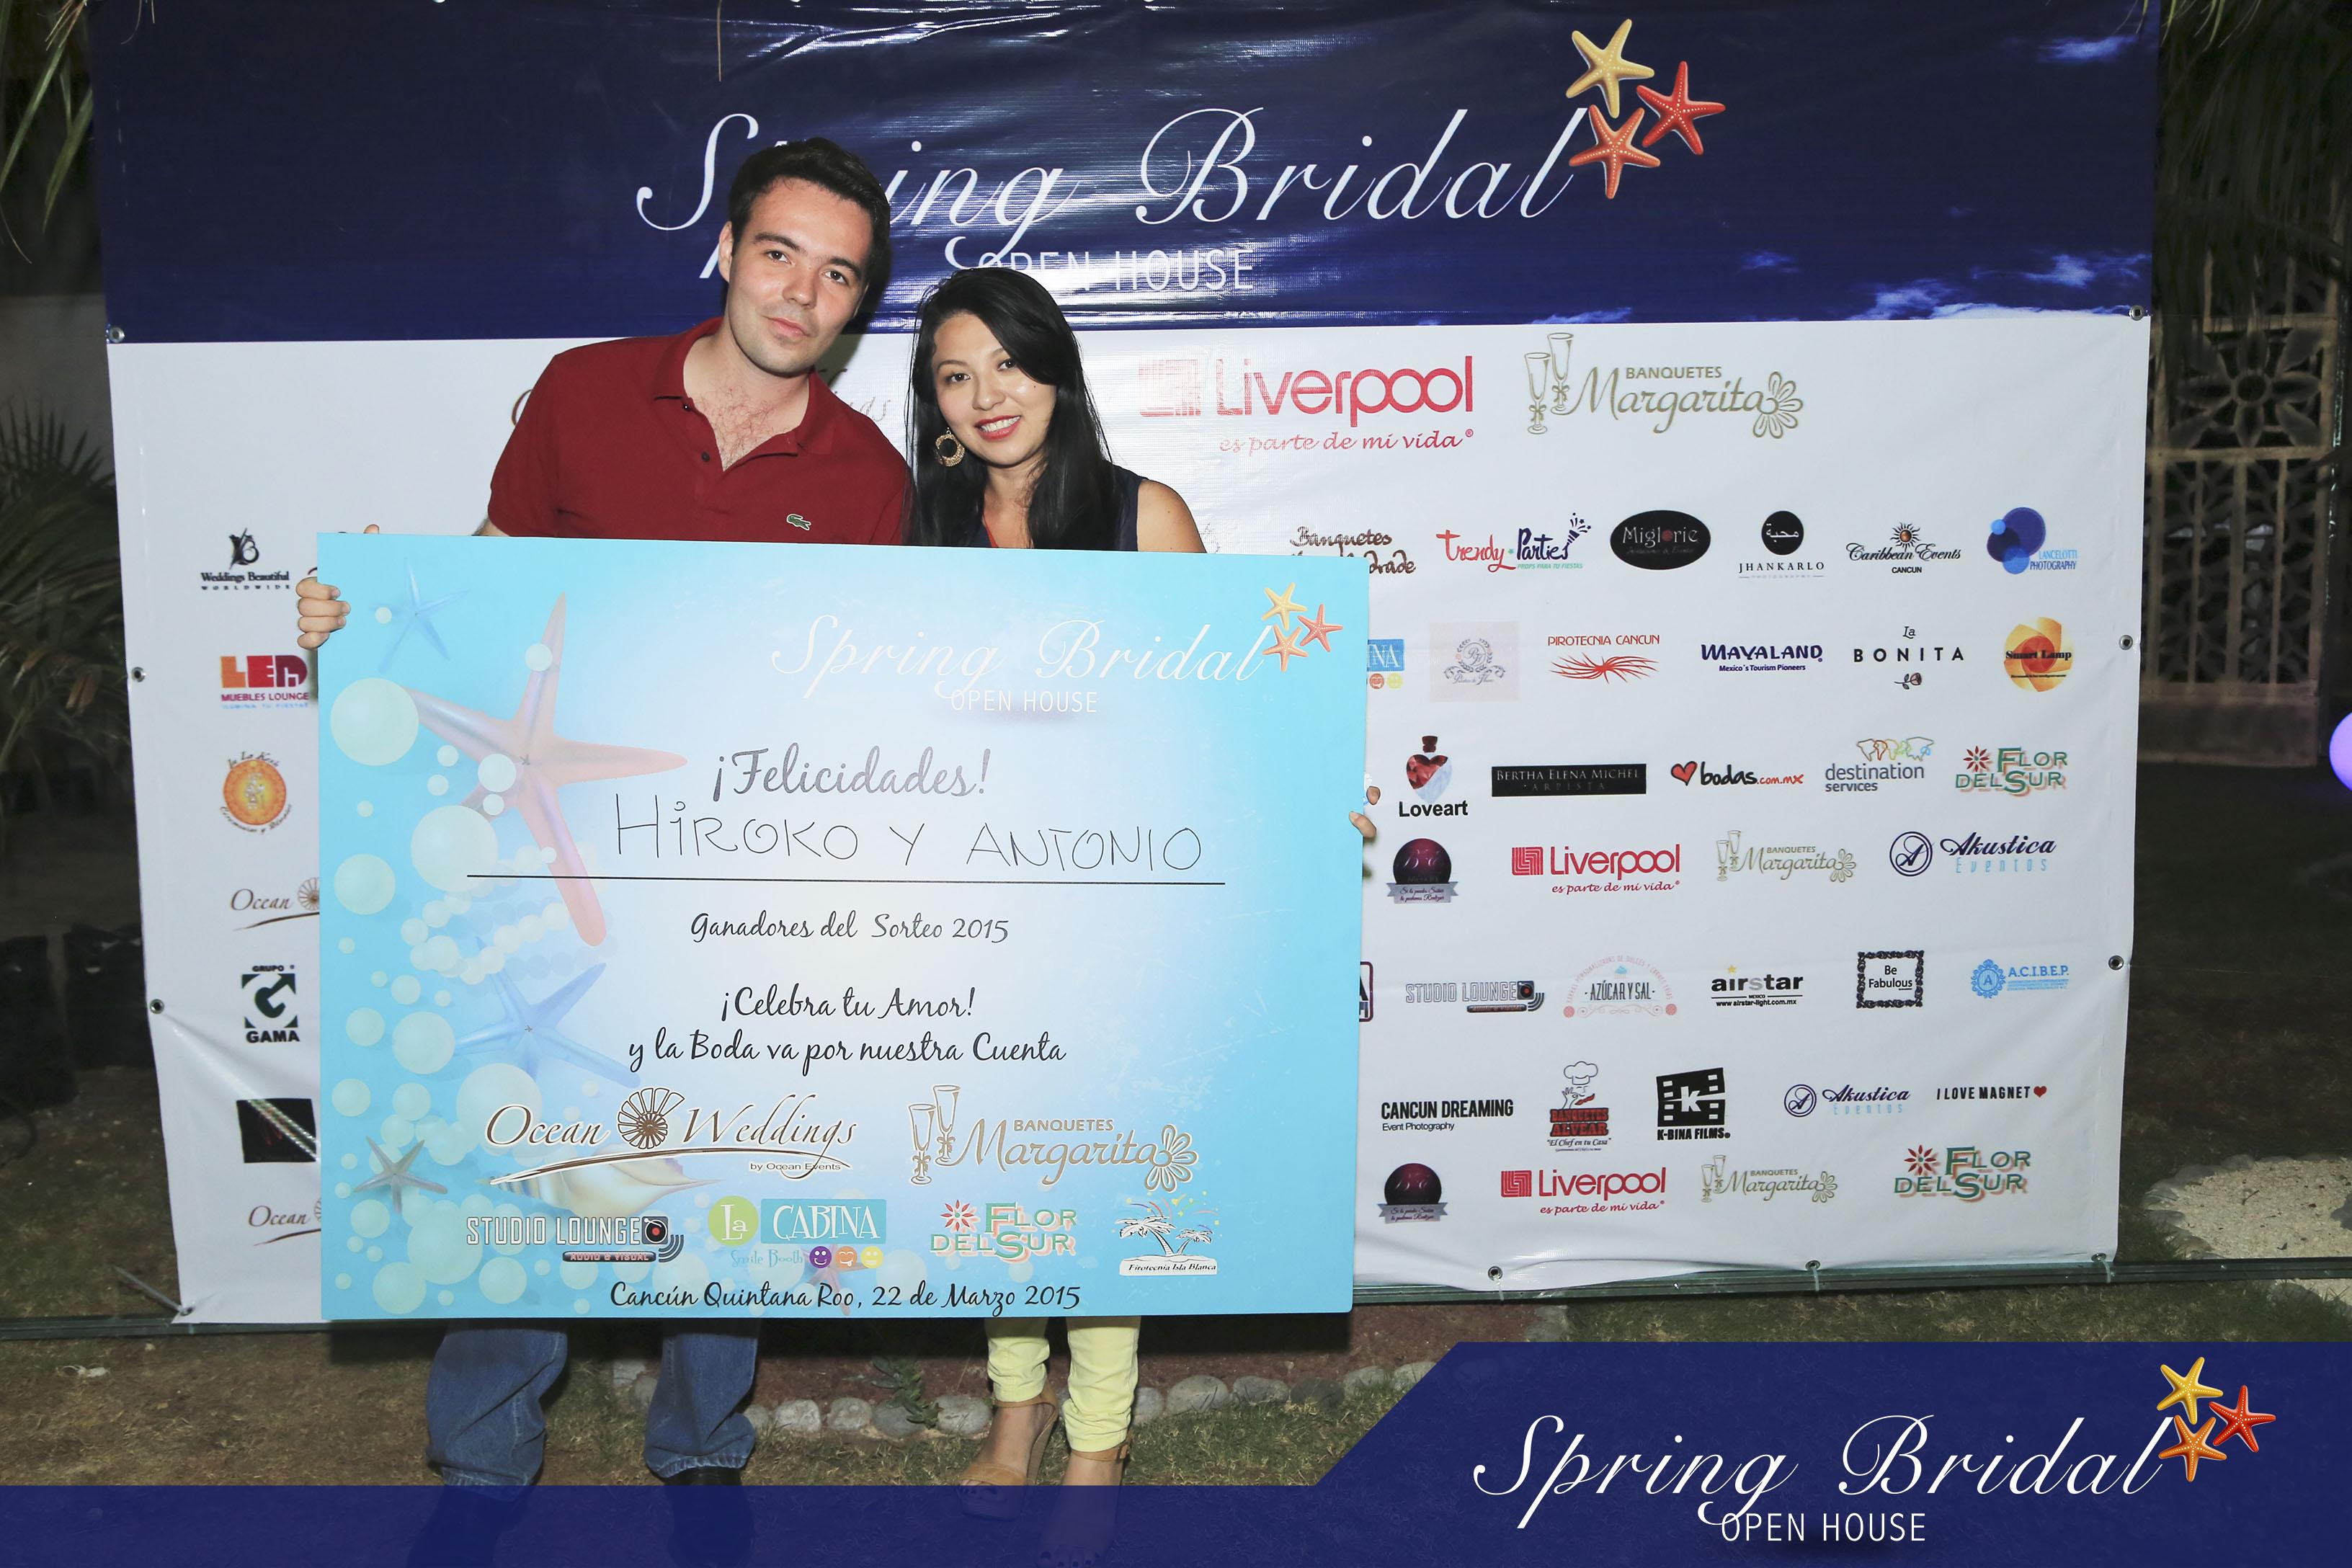 Hiroko y Antonio. Pareja ganadora Spring-Bridal-2015